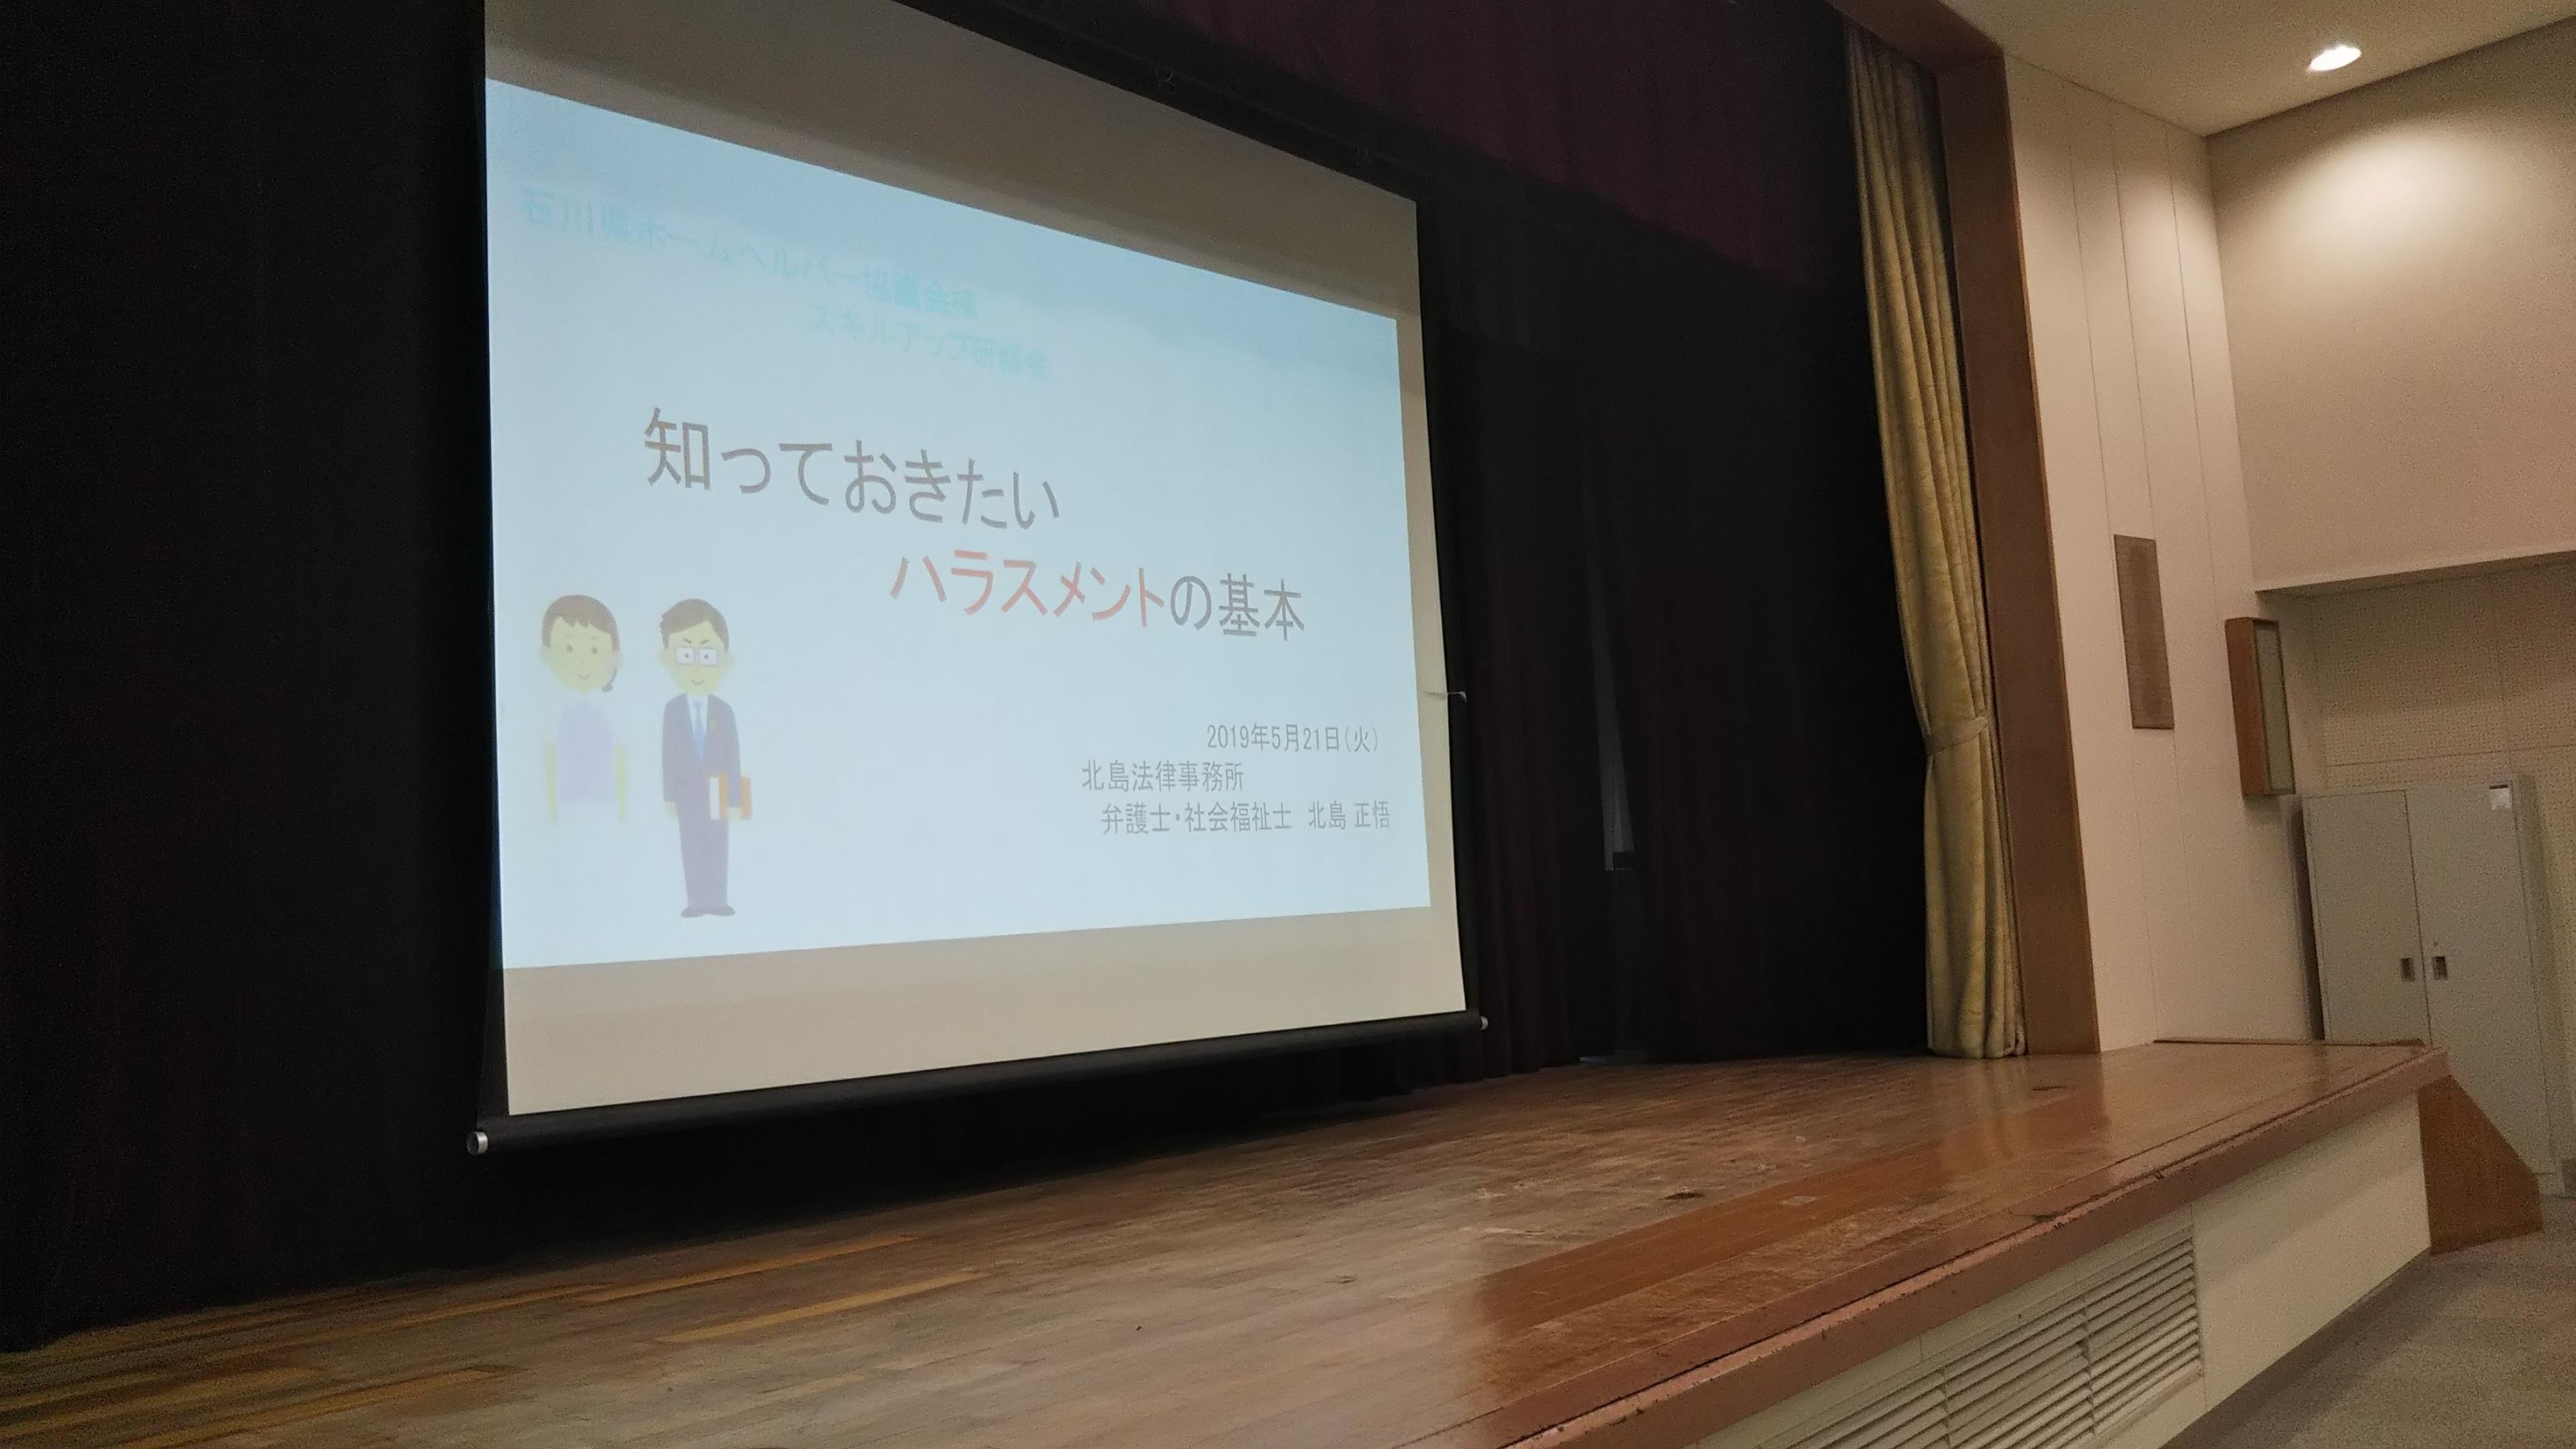 190521 石川県ホームヘルパー協議会